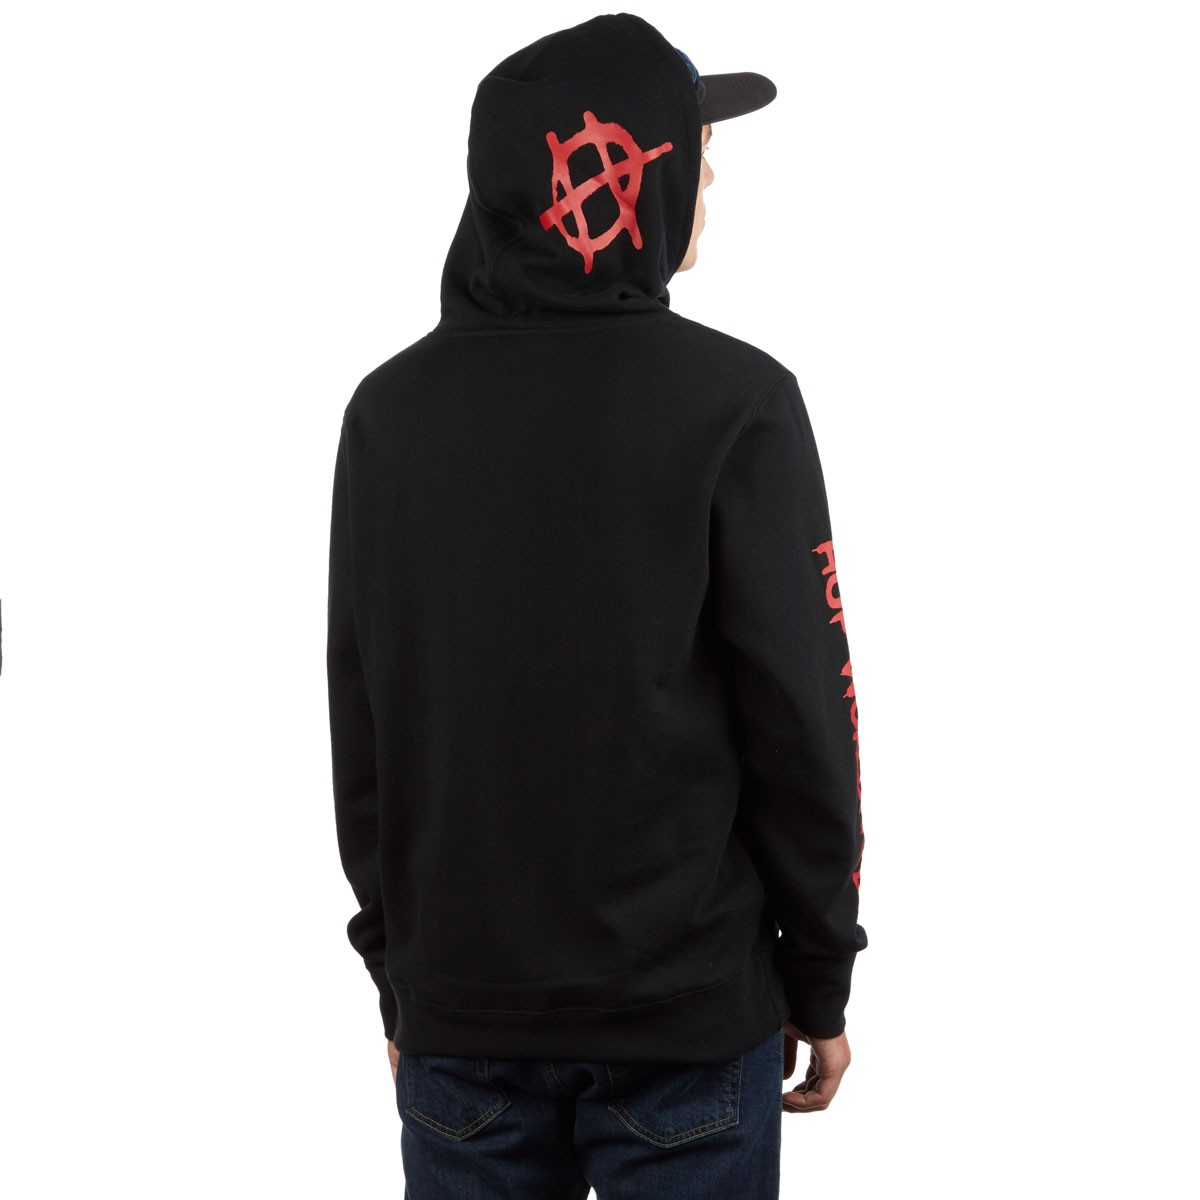 HUF Felpa Riot P/O Hoodie - Black